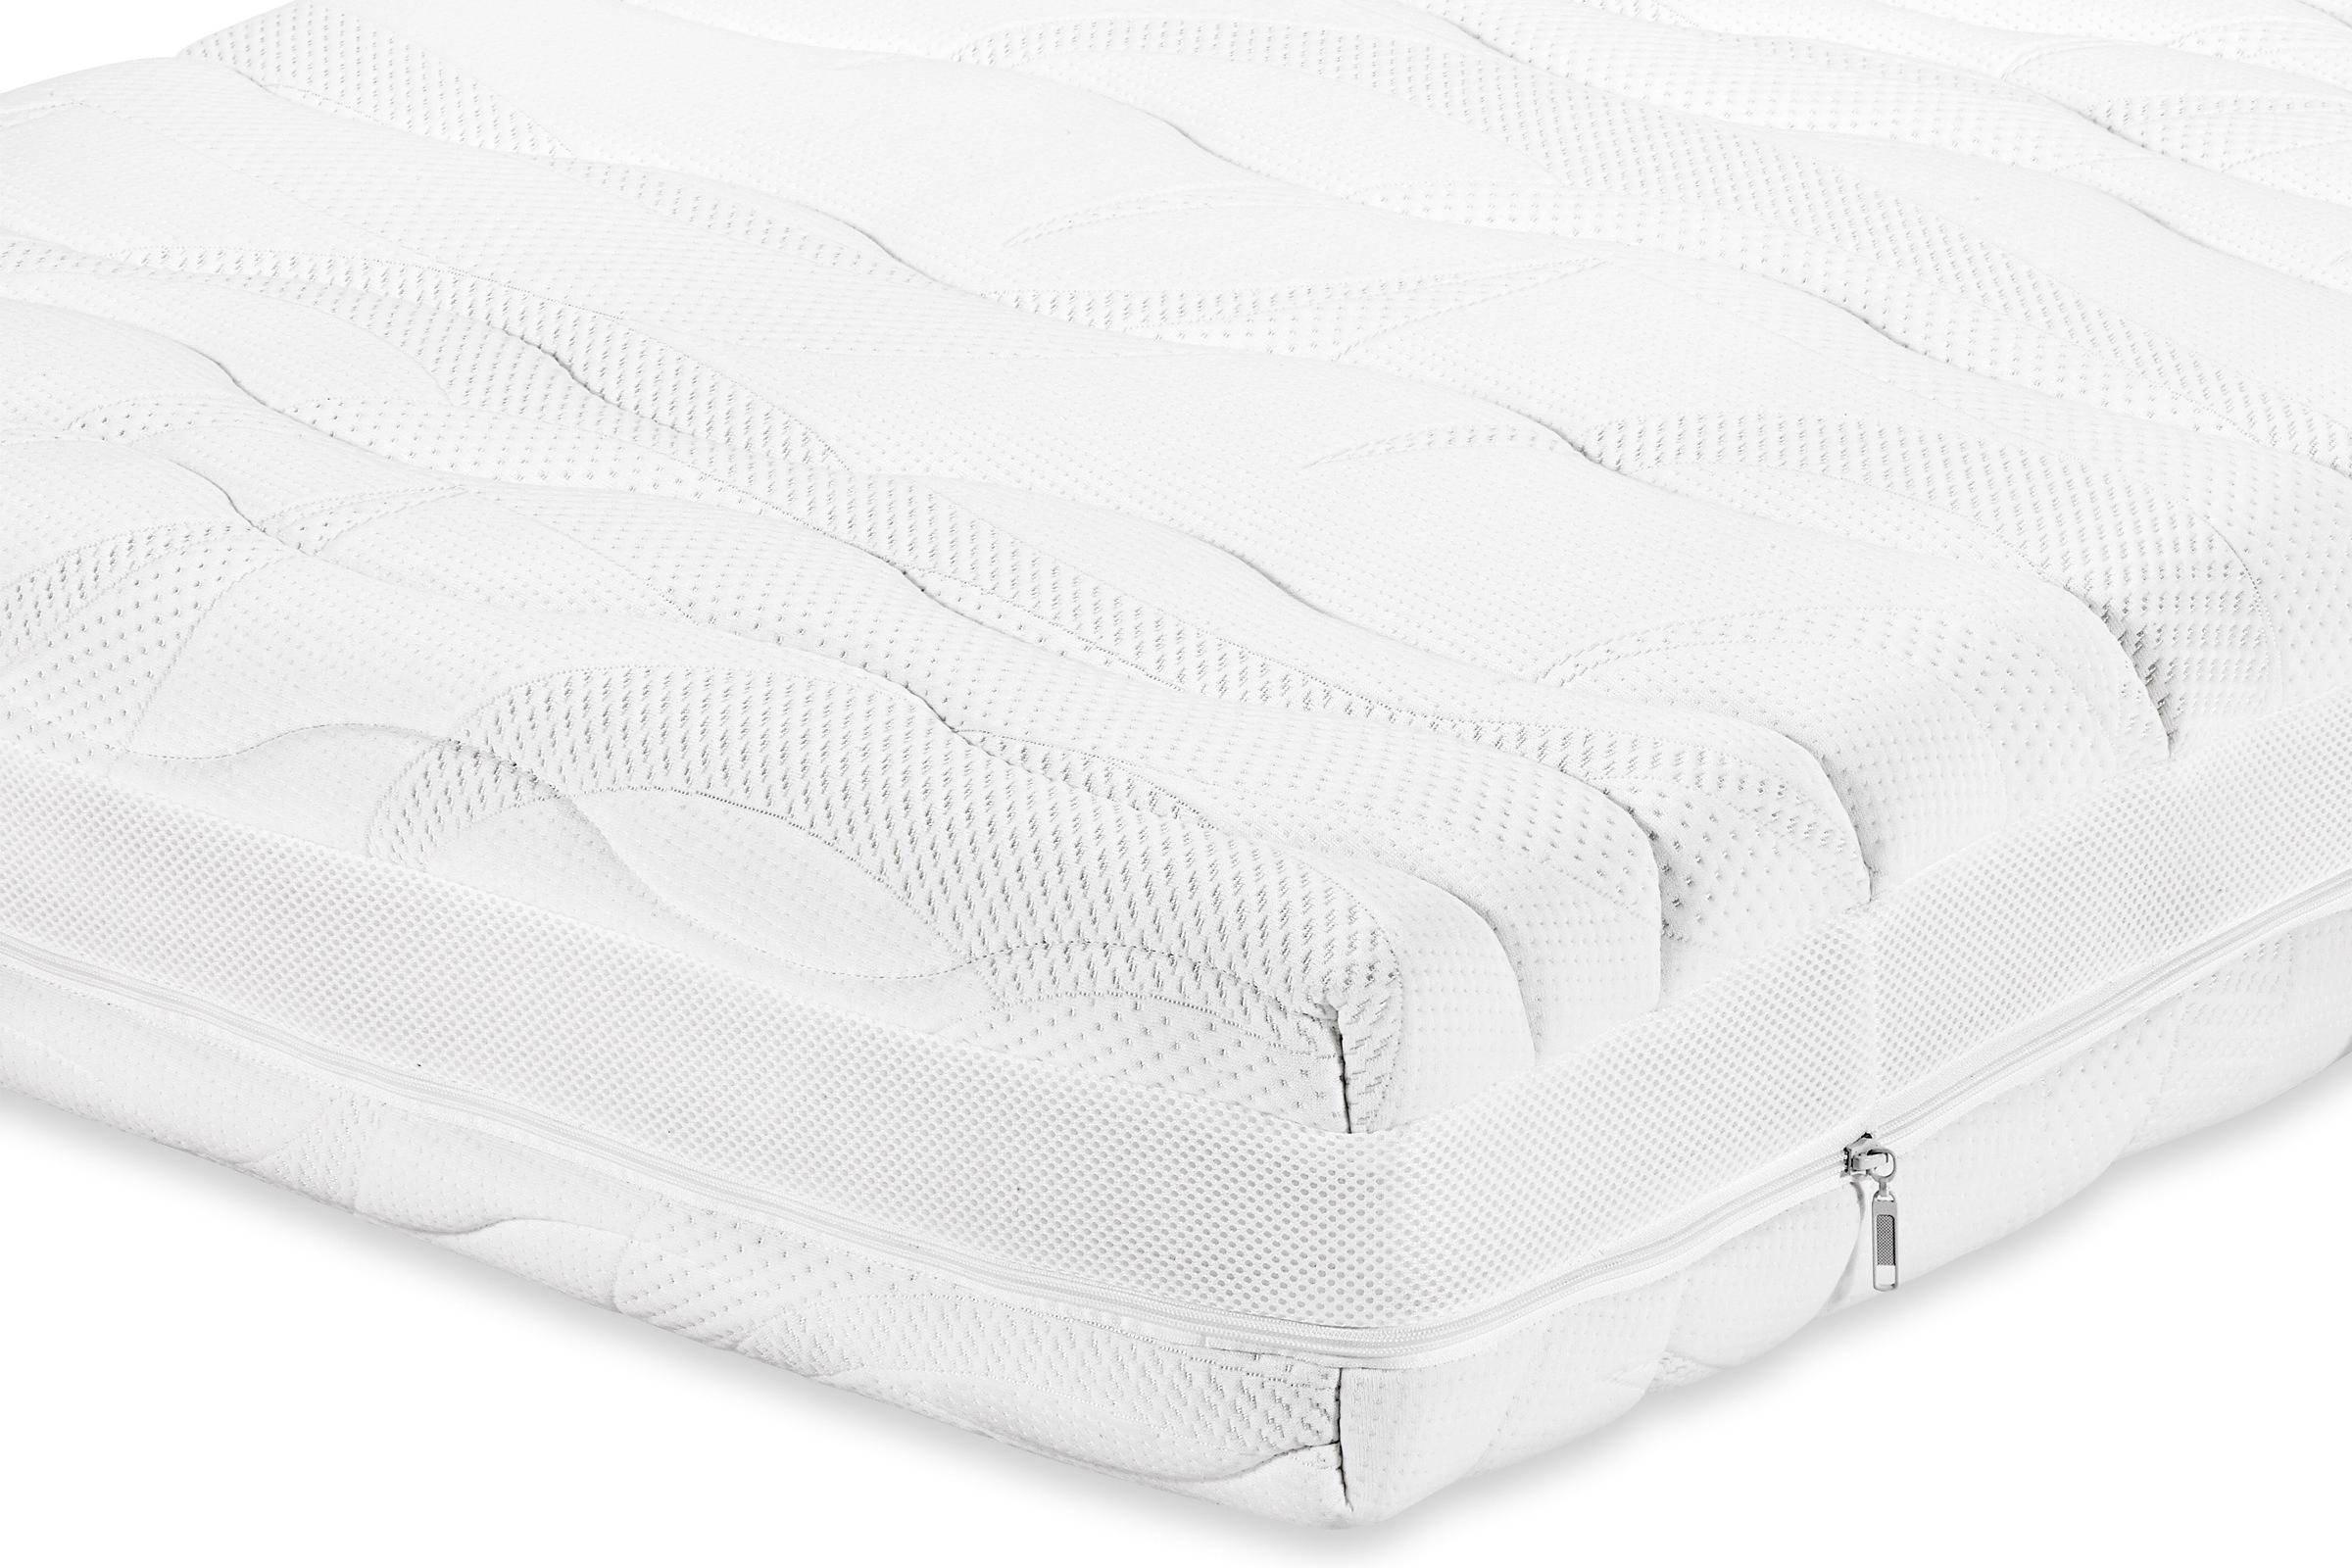 Beter bed koudschuimmatras gold foam deluxe gel wehkamp